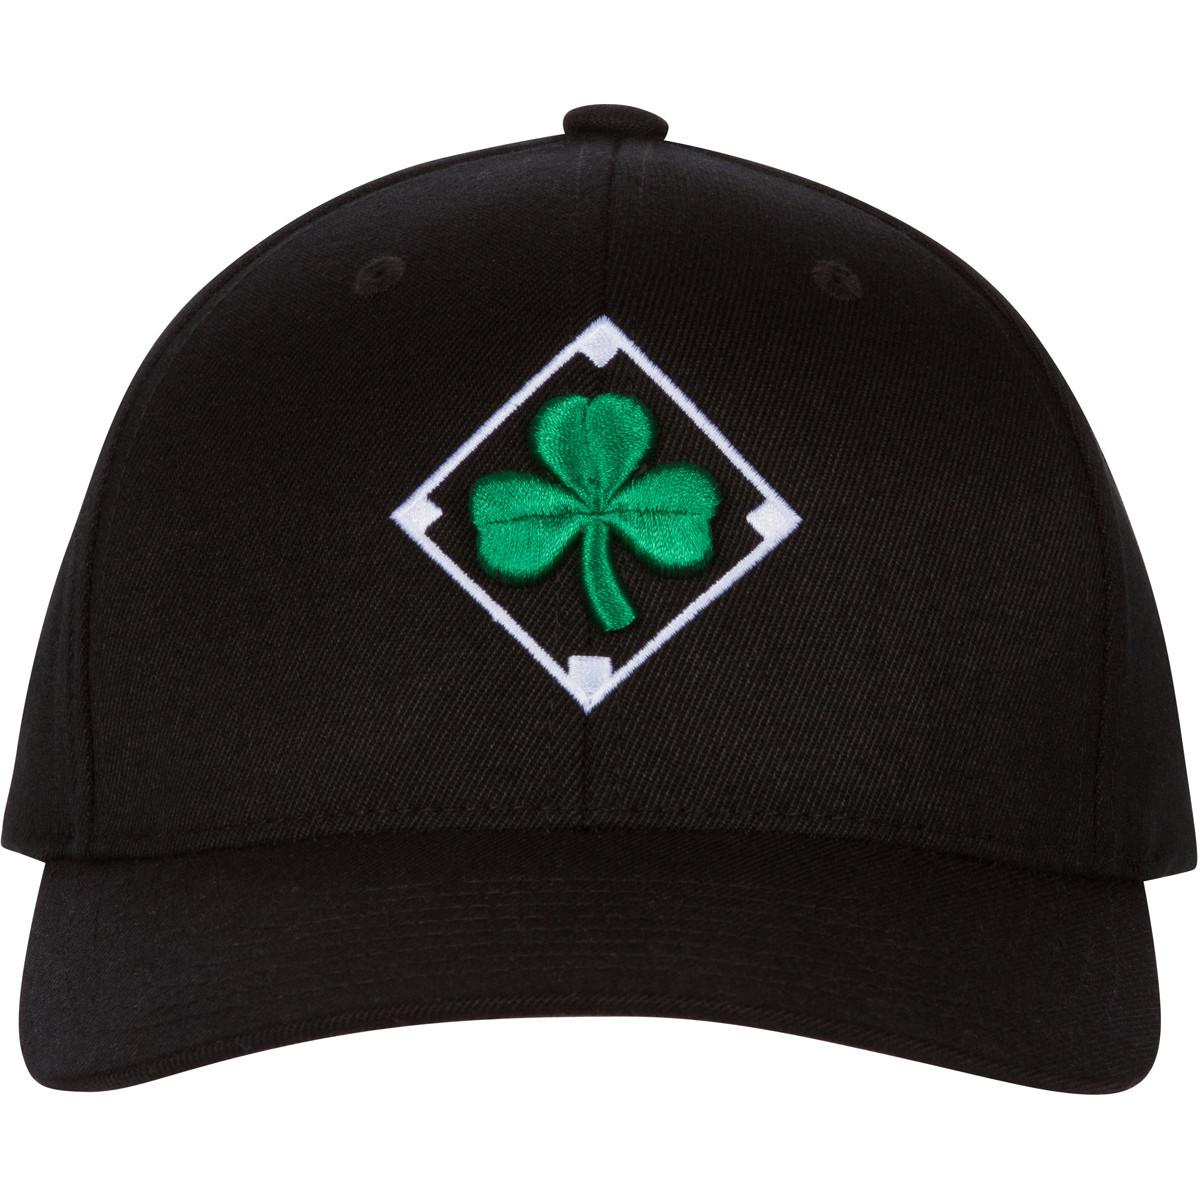 Irish Baseball Cap with Shamrock Embroidery and Flag of Ireland